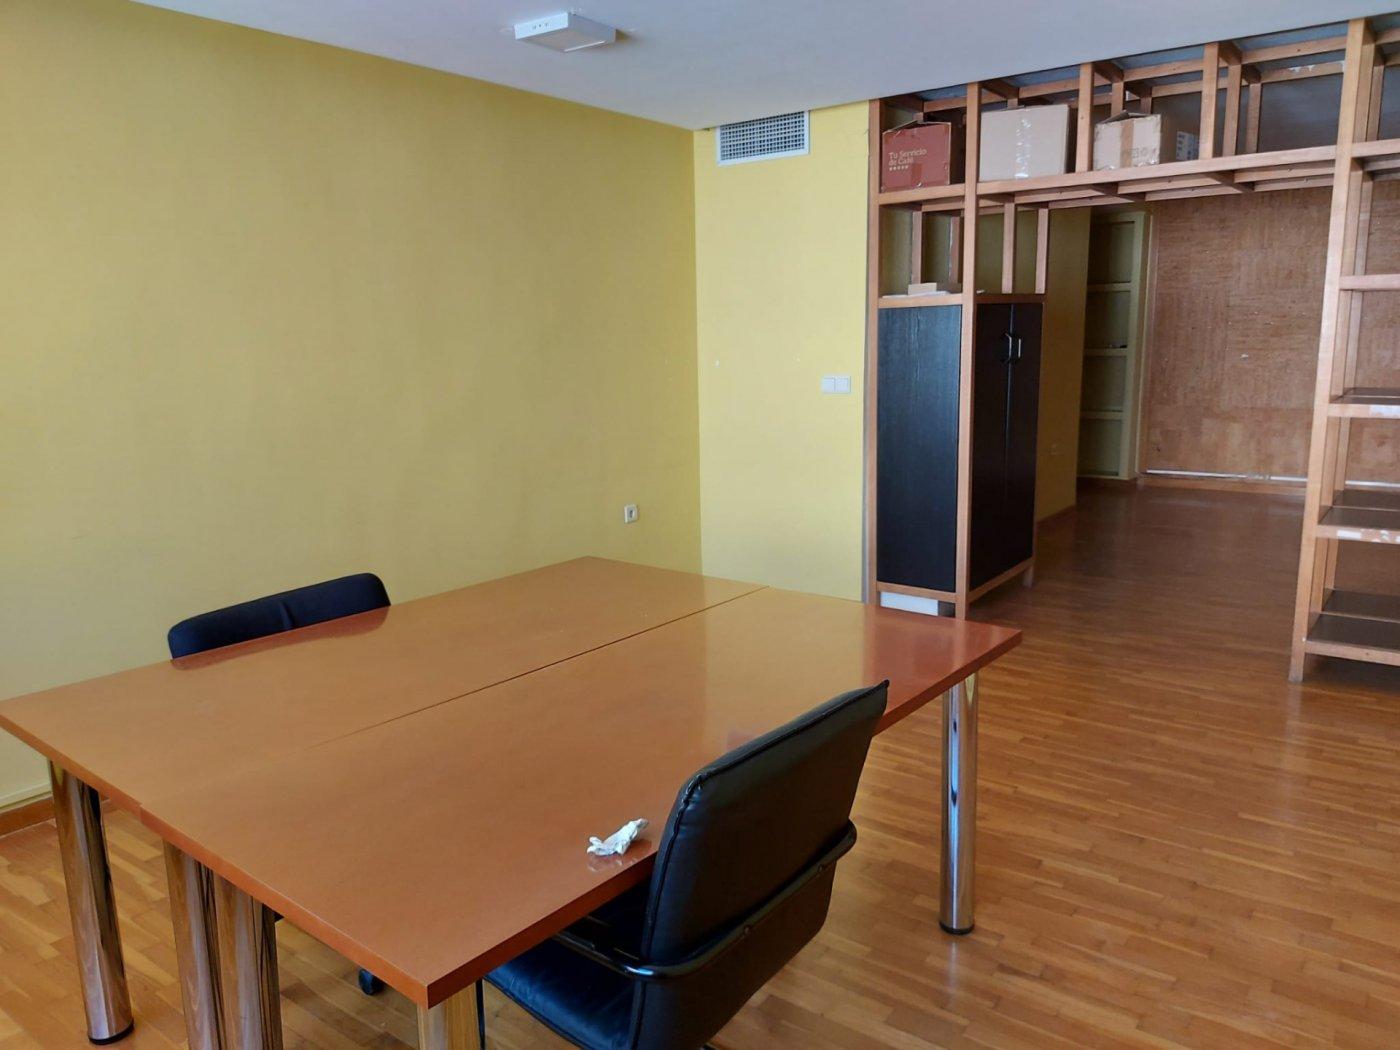 Oficina en venta o alquiler en el centro de alicante - imagenInmueble7